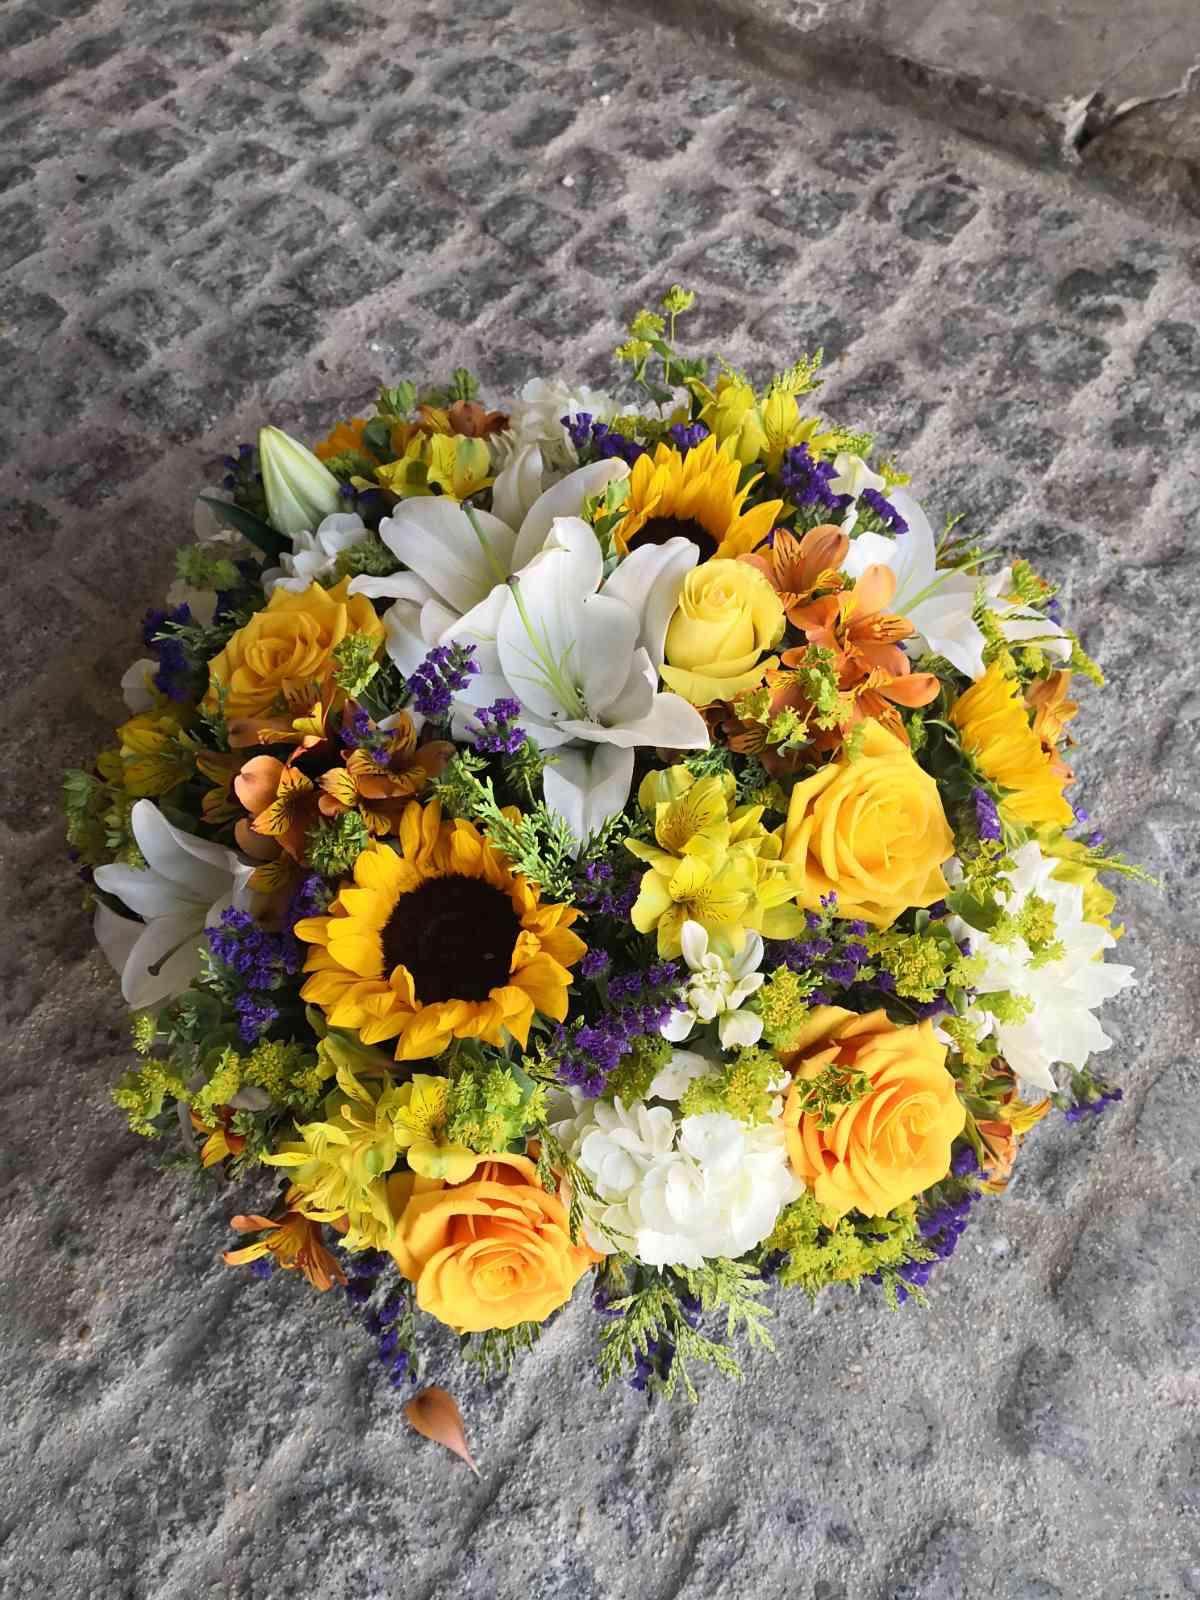 274 Décoration florale pour des évènements (mariage, anniversaire, etc.) | Aux Quatre Saisons à Boissy-Saint-Léger